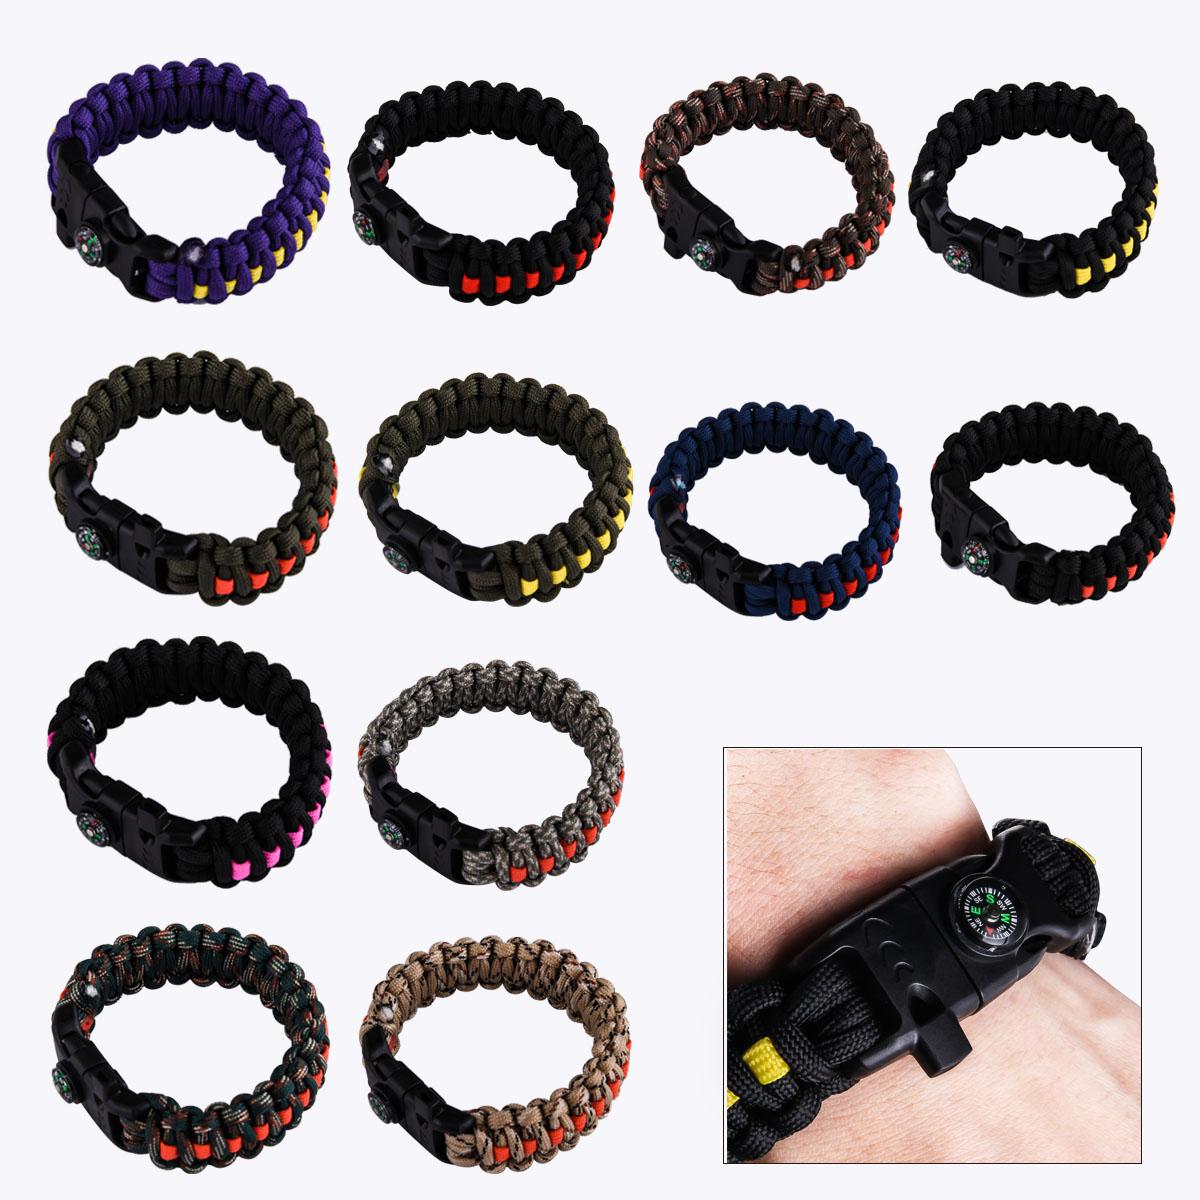 Купить многофункциональные браслеты из паракорда